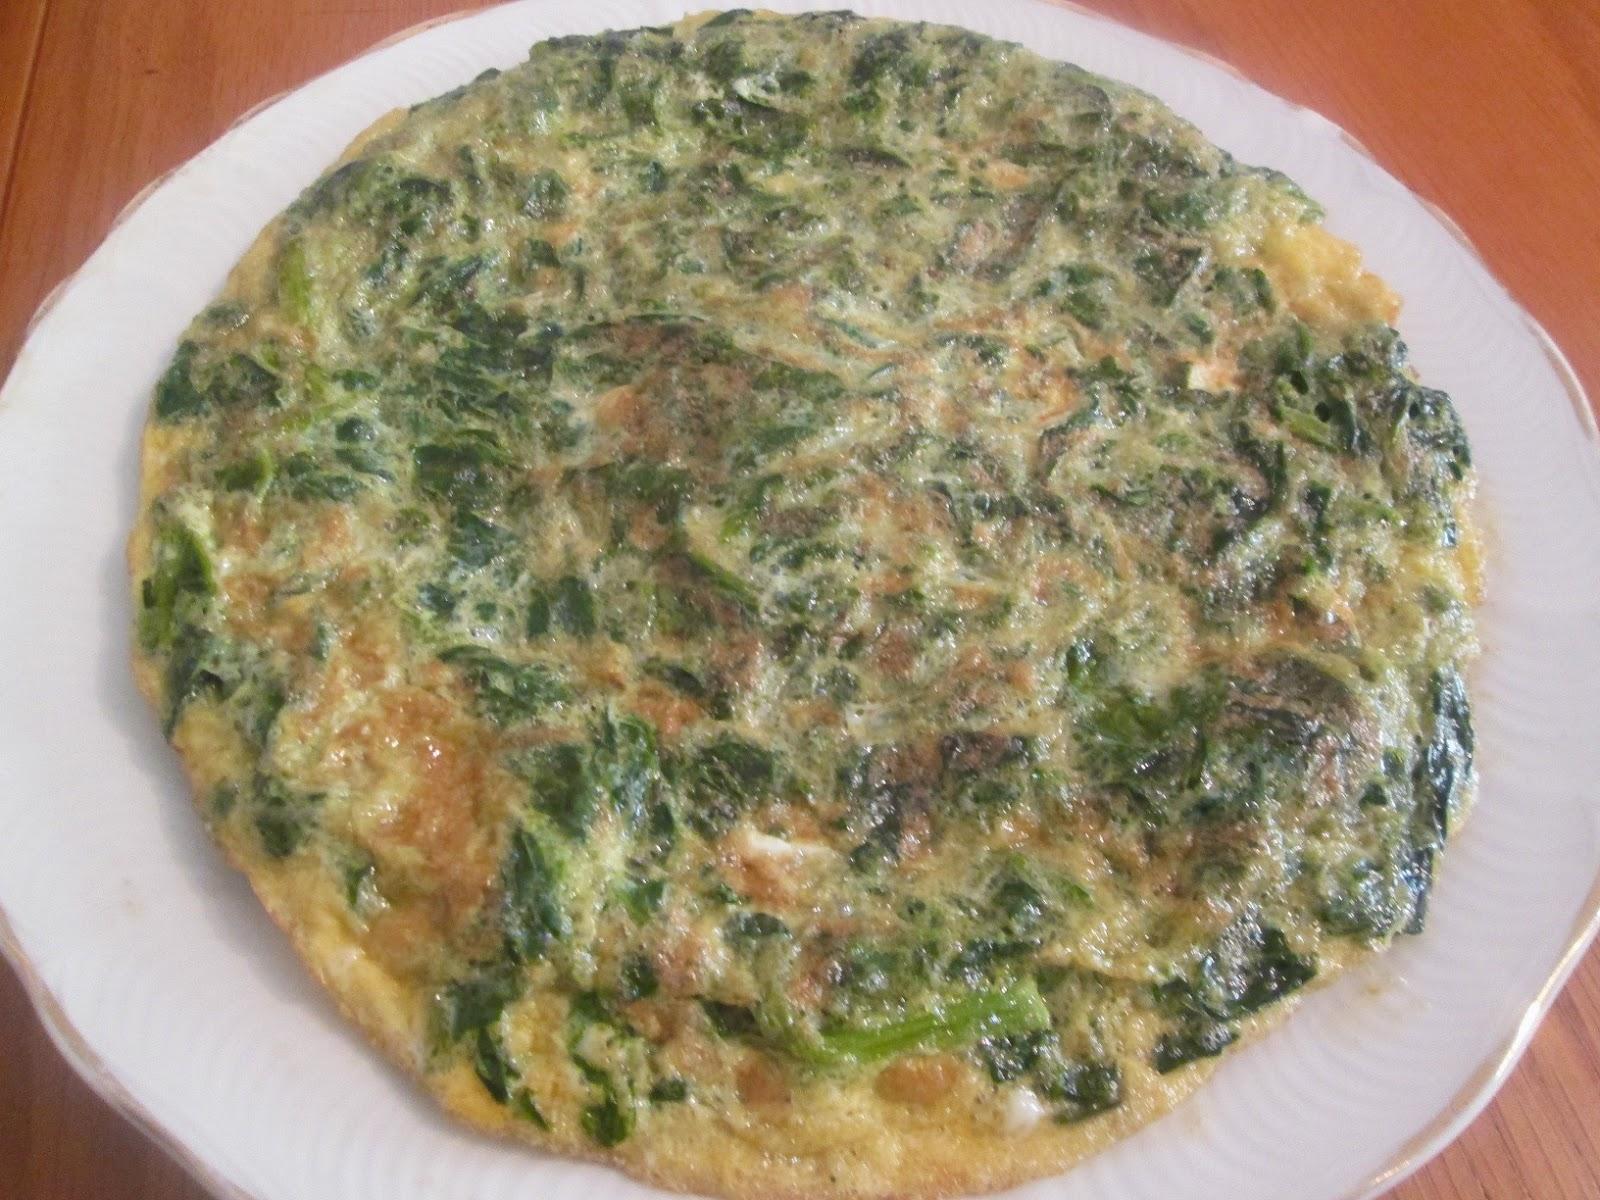 Cocinar no es dif cil pru balo tortilla de espinacas for Maneras de cocinar espinacas